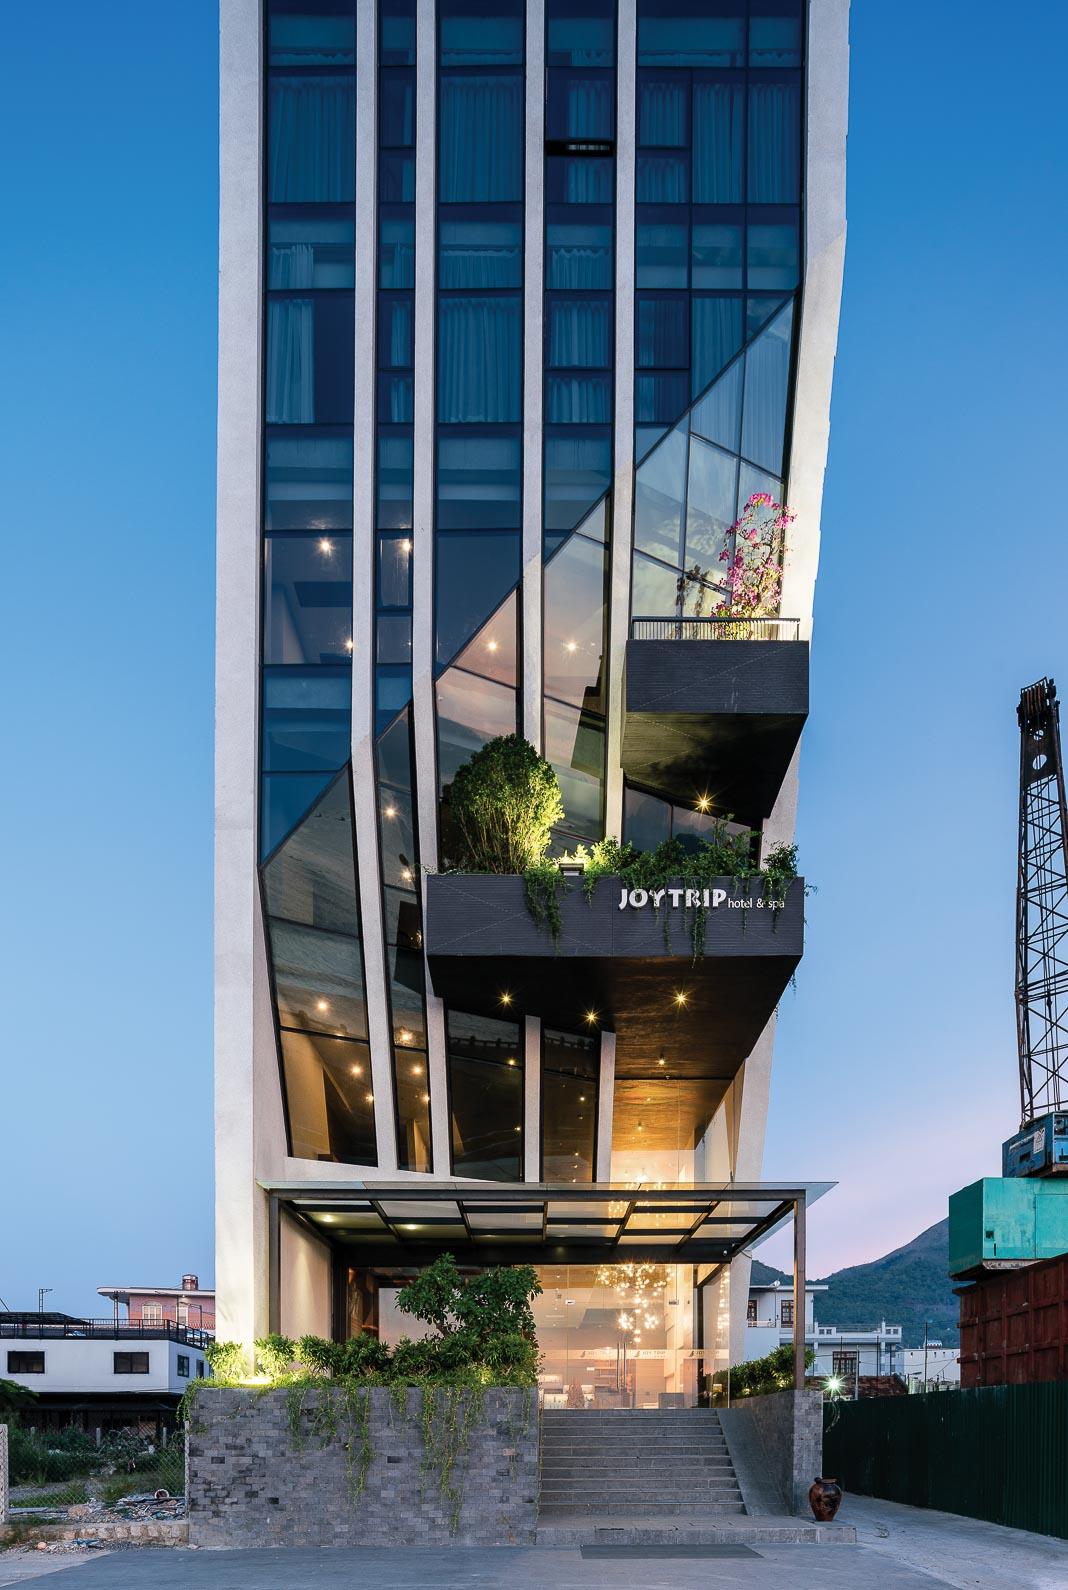 Joy Trip Nha Trang Hotel - một thiết kế vận dụng triết lý Cho và Nhận của Phật giáo do HML Architecture thực hiện 3